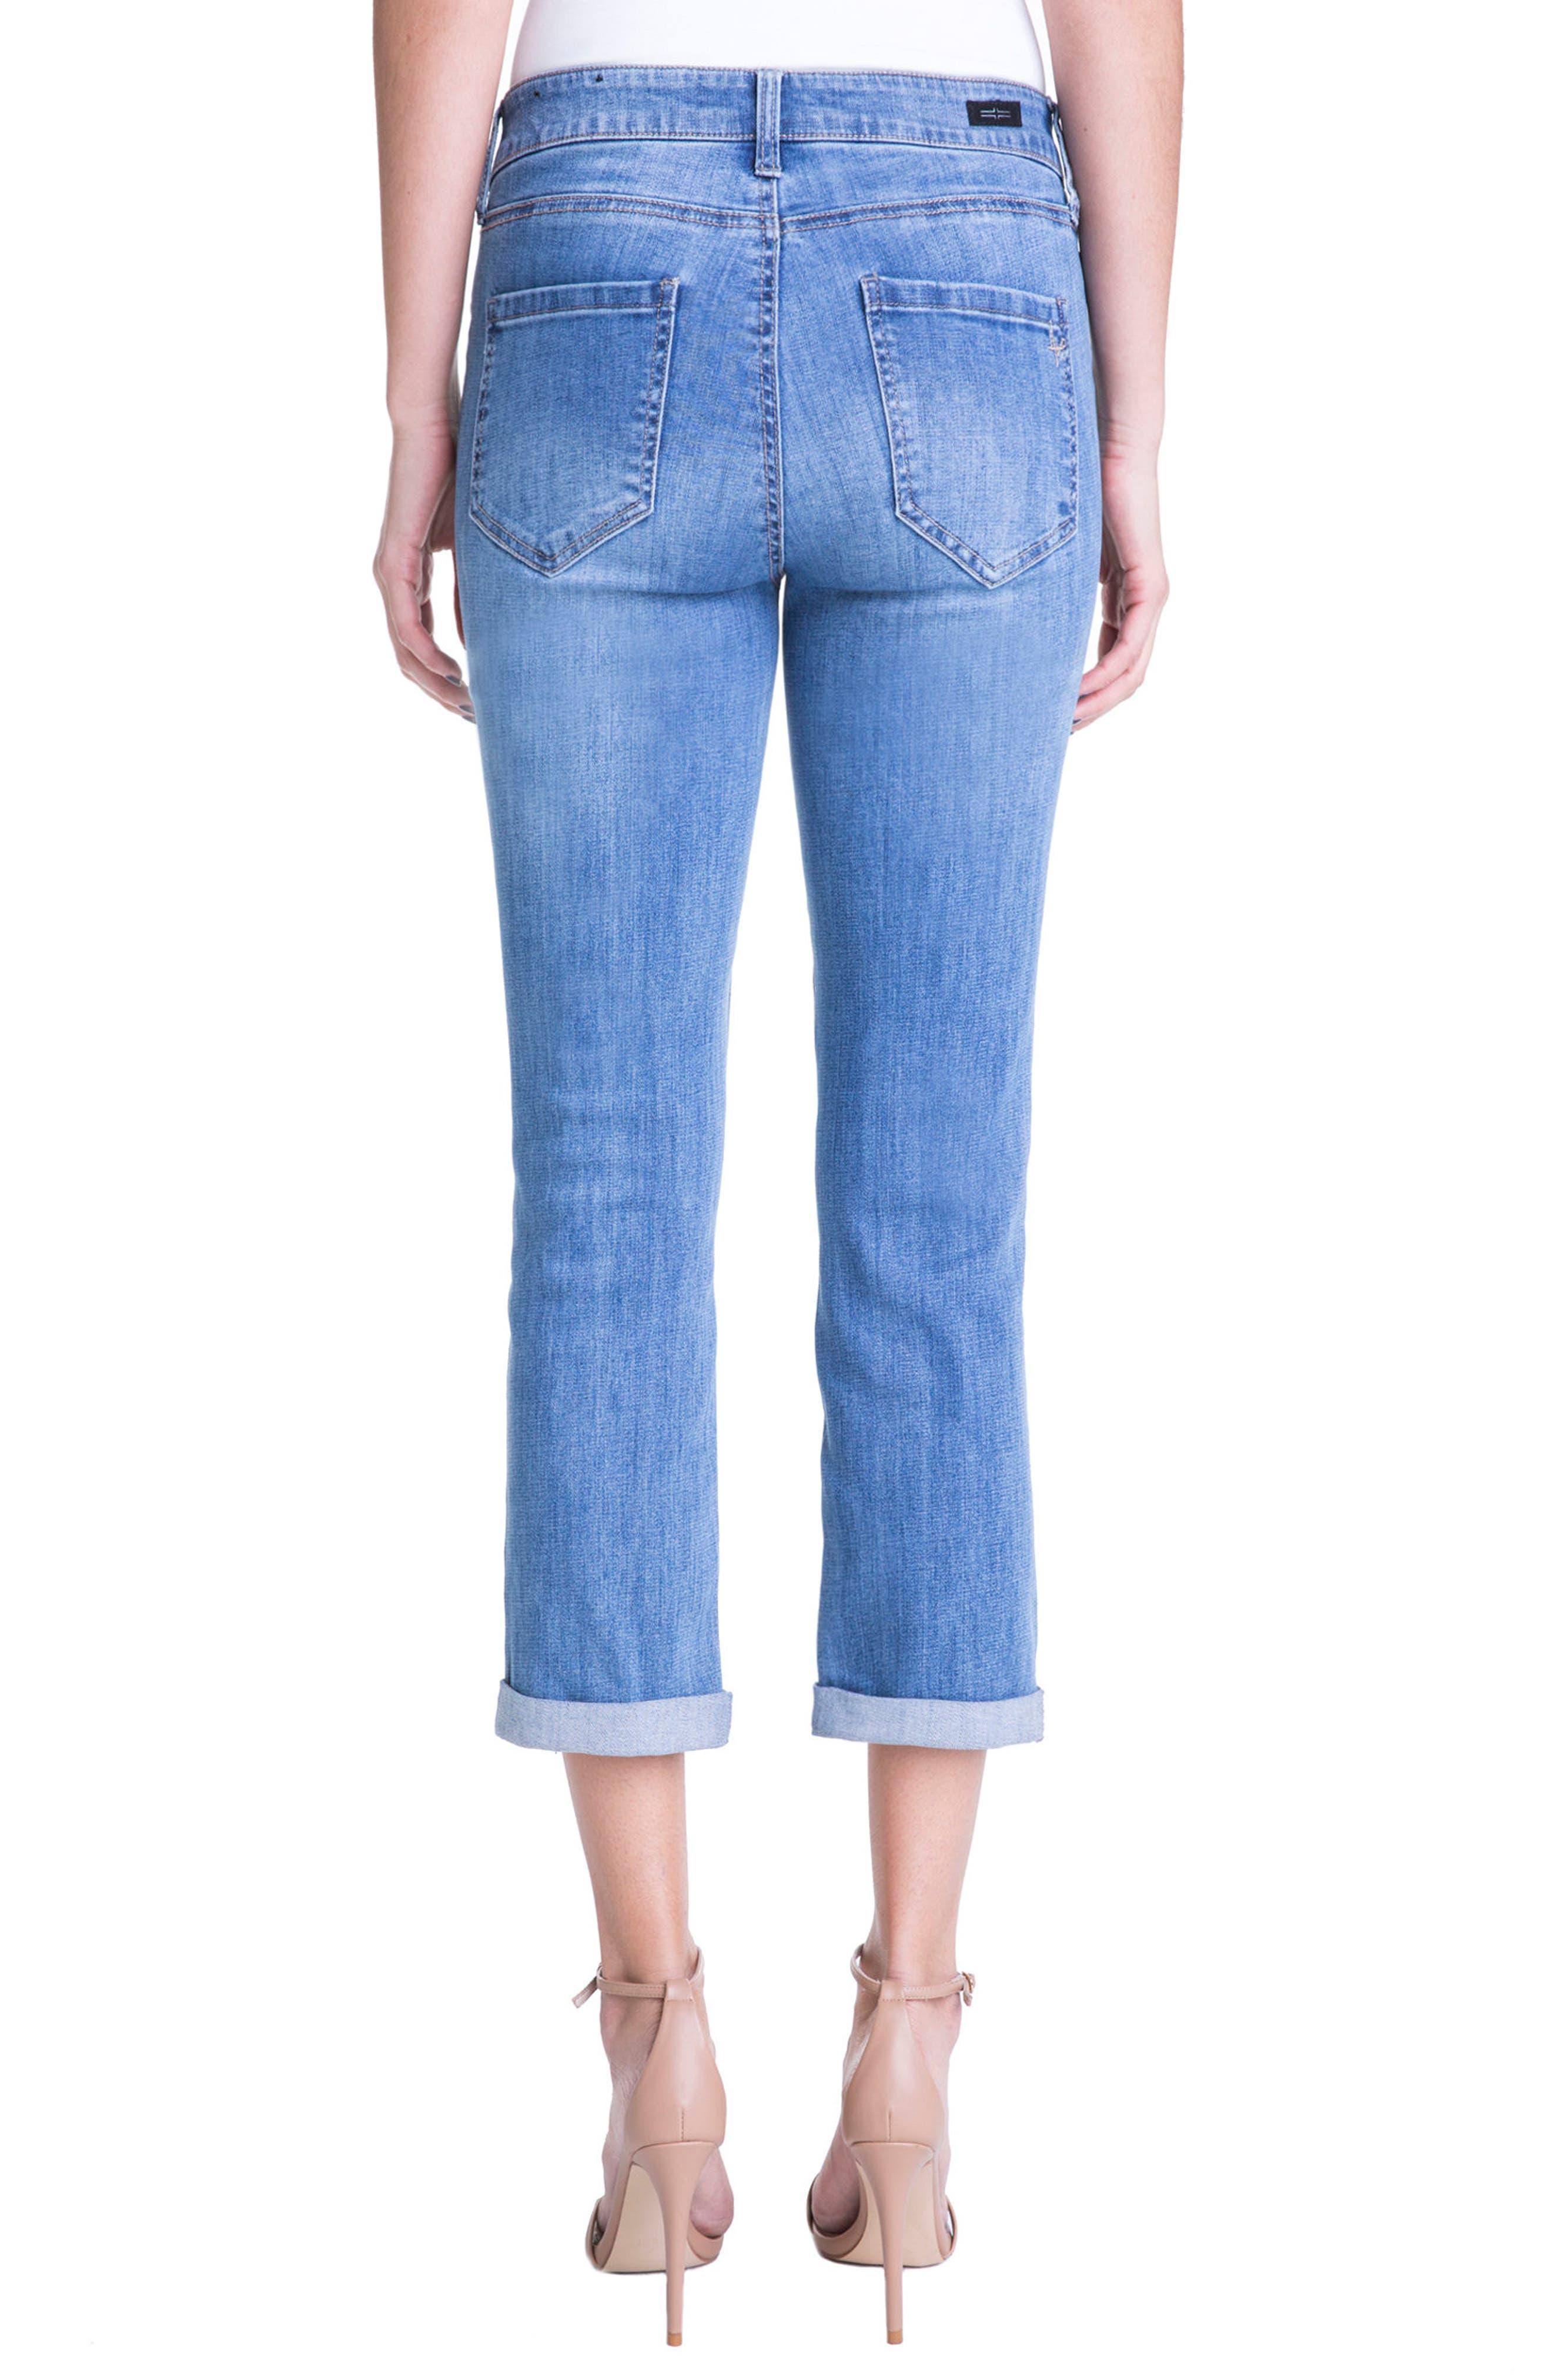 Michelle Distressed Cuff Capri Jeans,                             Alternate thumbnail 2, color,                             Melbourne Light/ Destruction